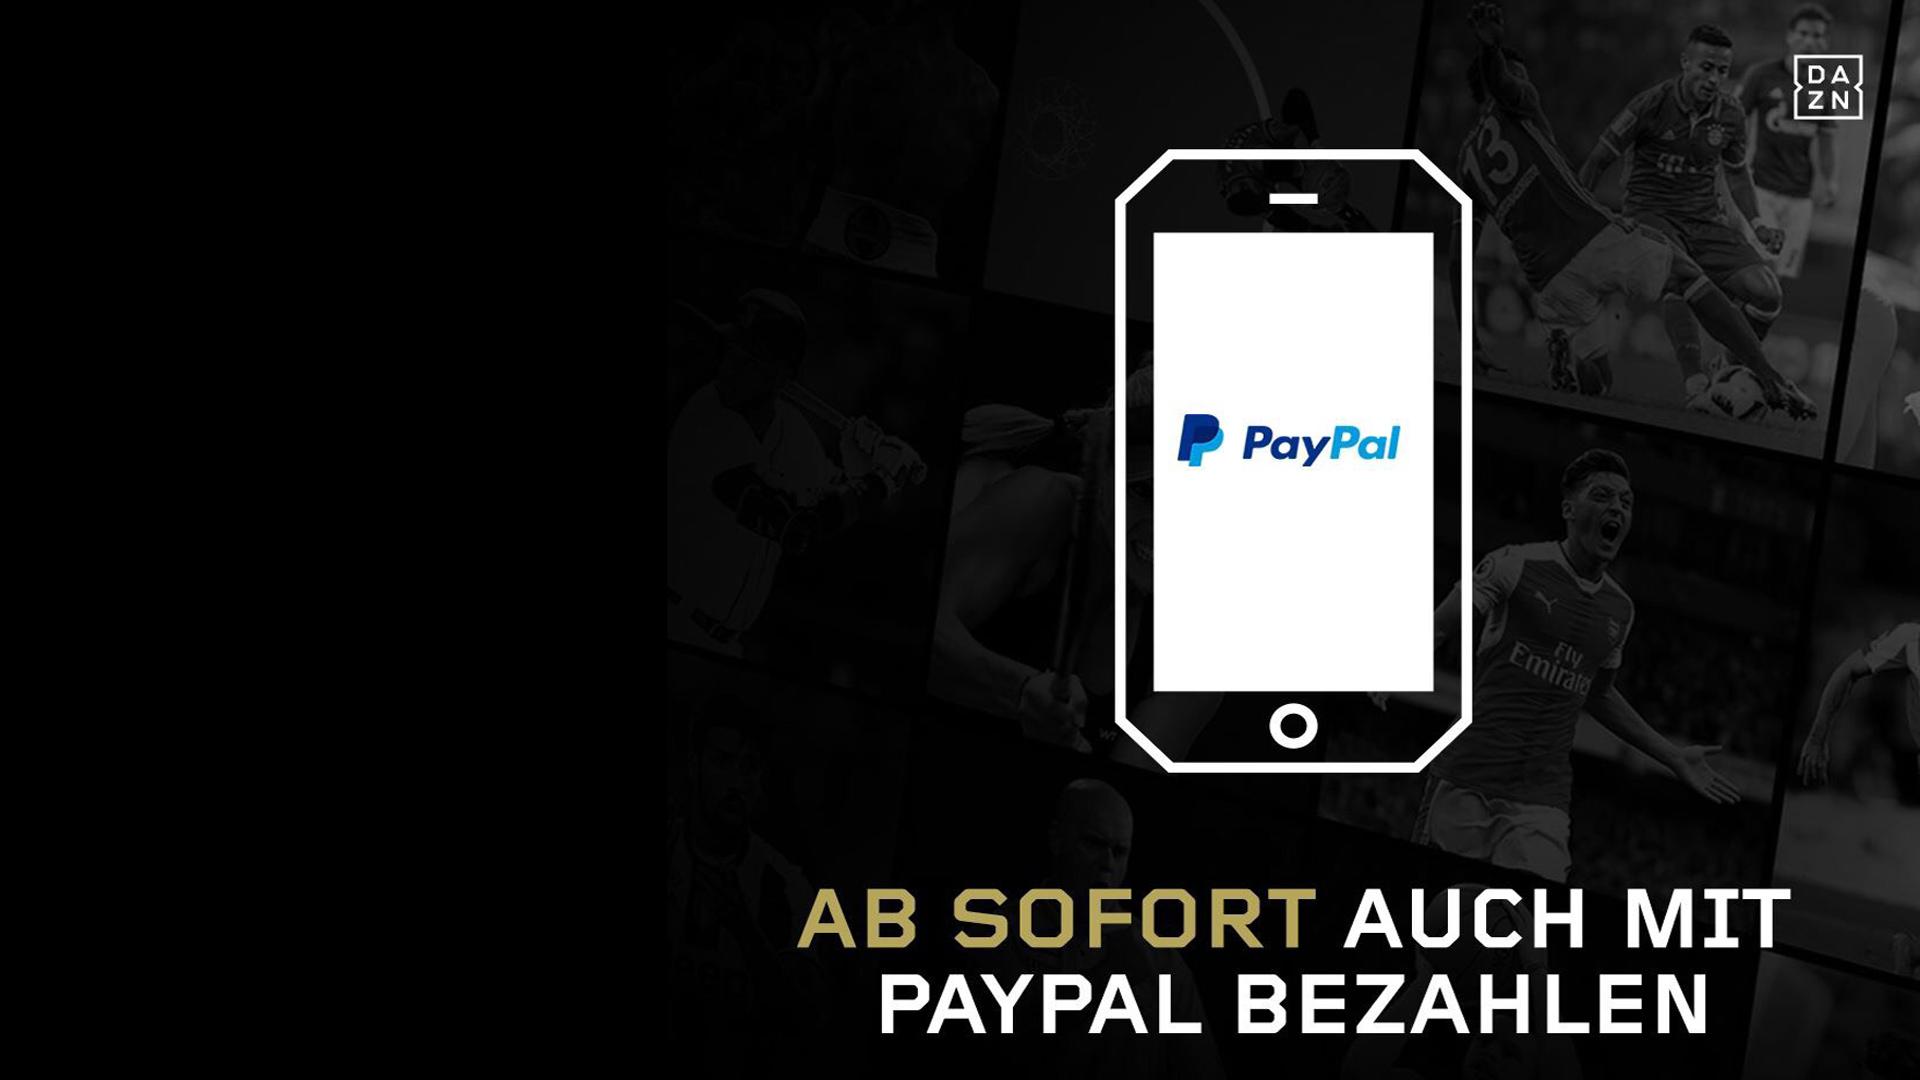 GFX DAZN Paypal